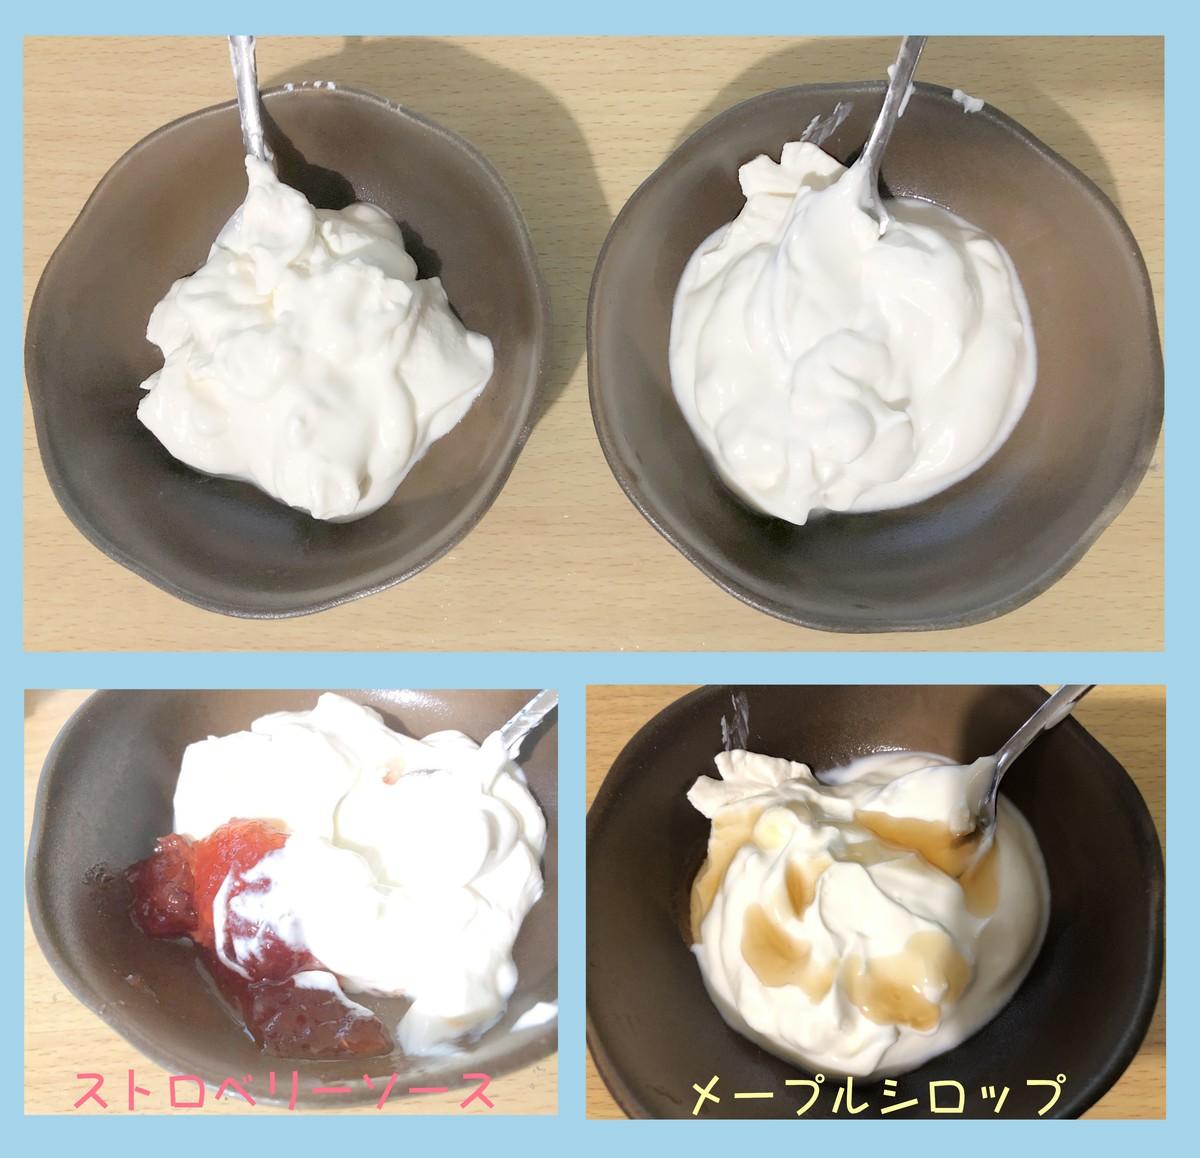 特濃牛乳実験6